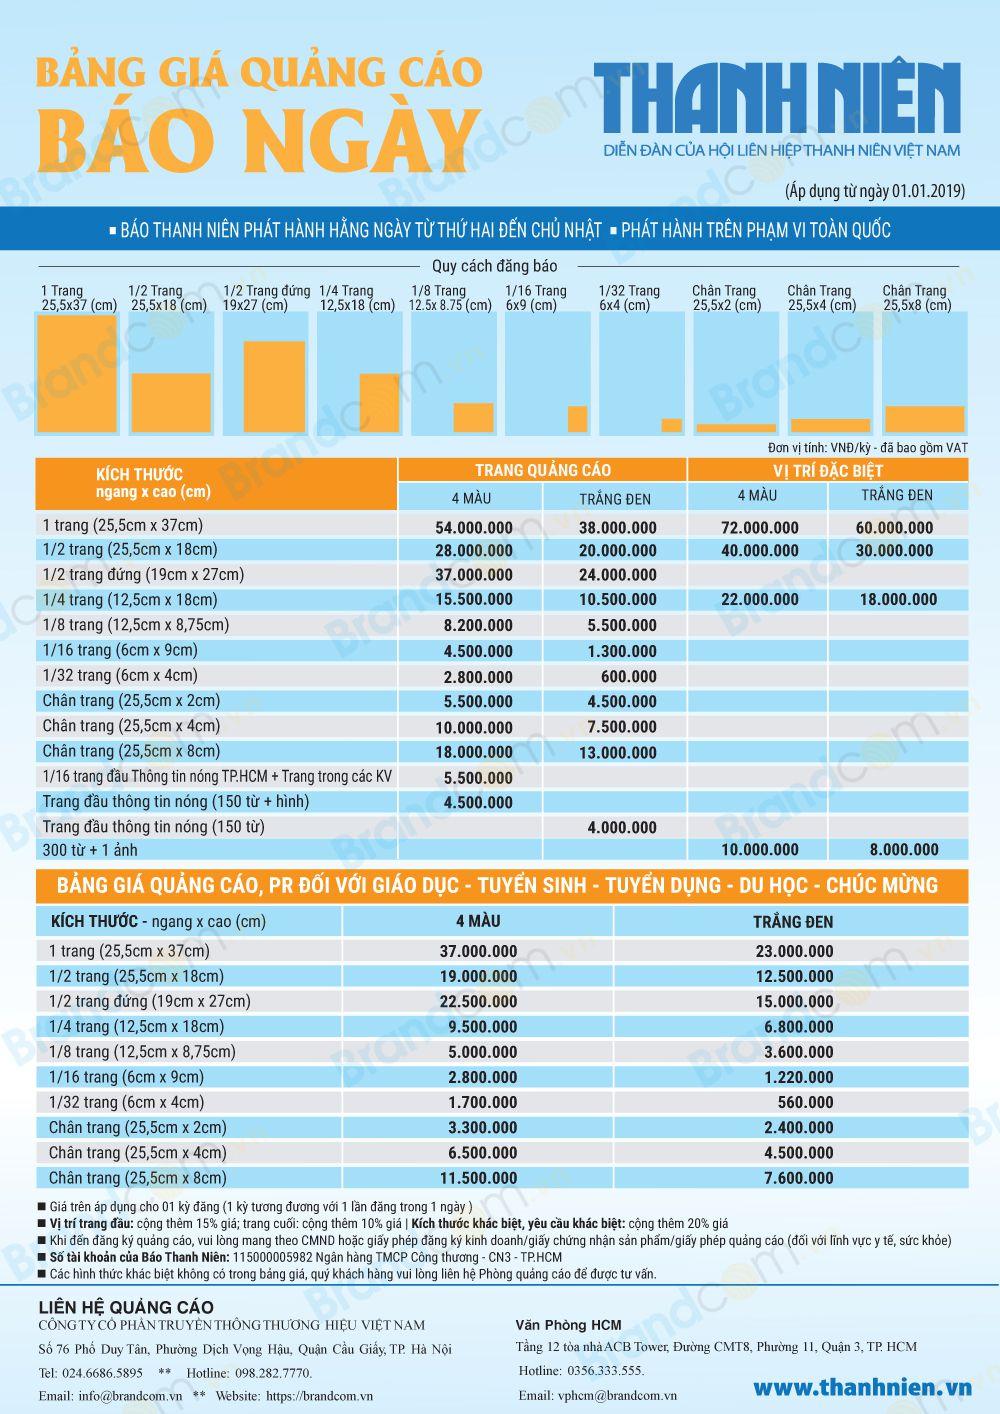 Bảng giá quảng cáo báo Thanh Niên